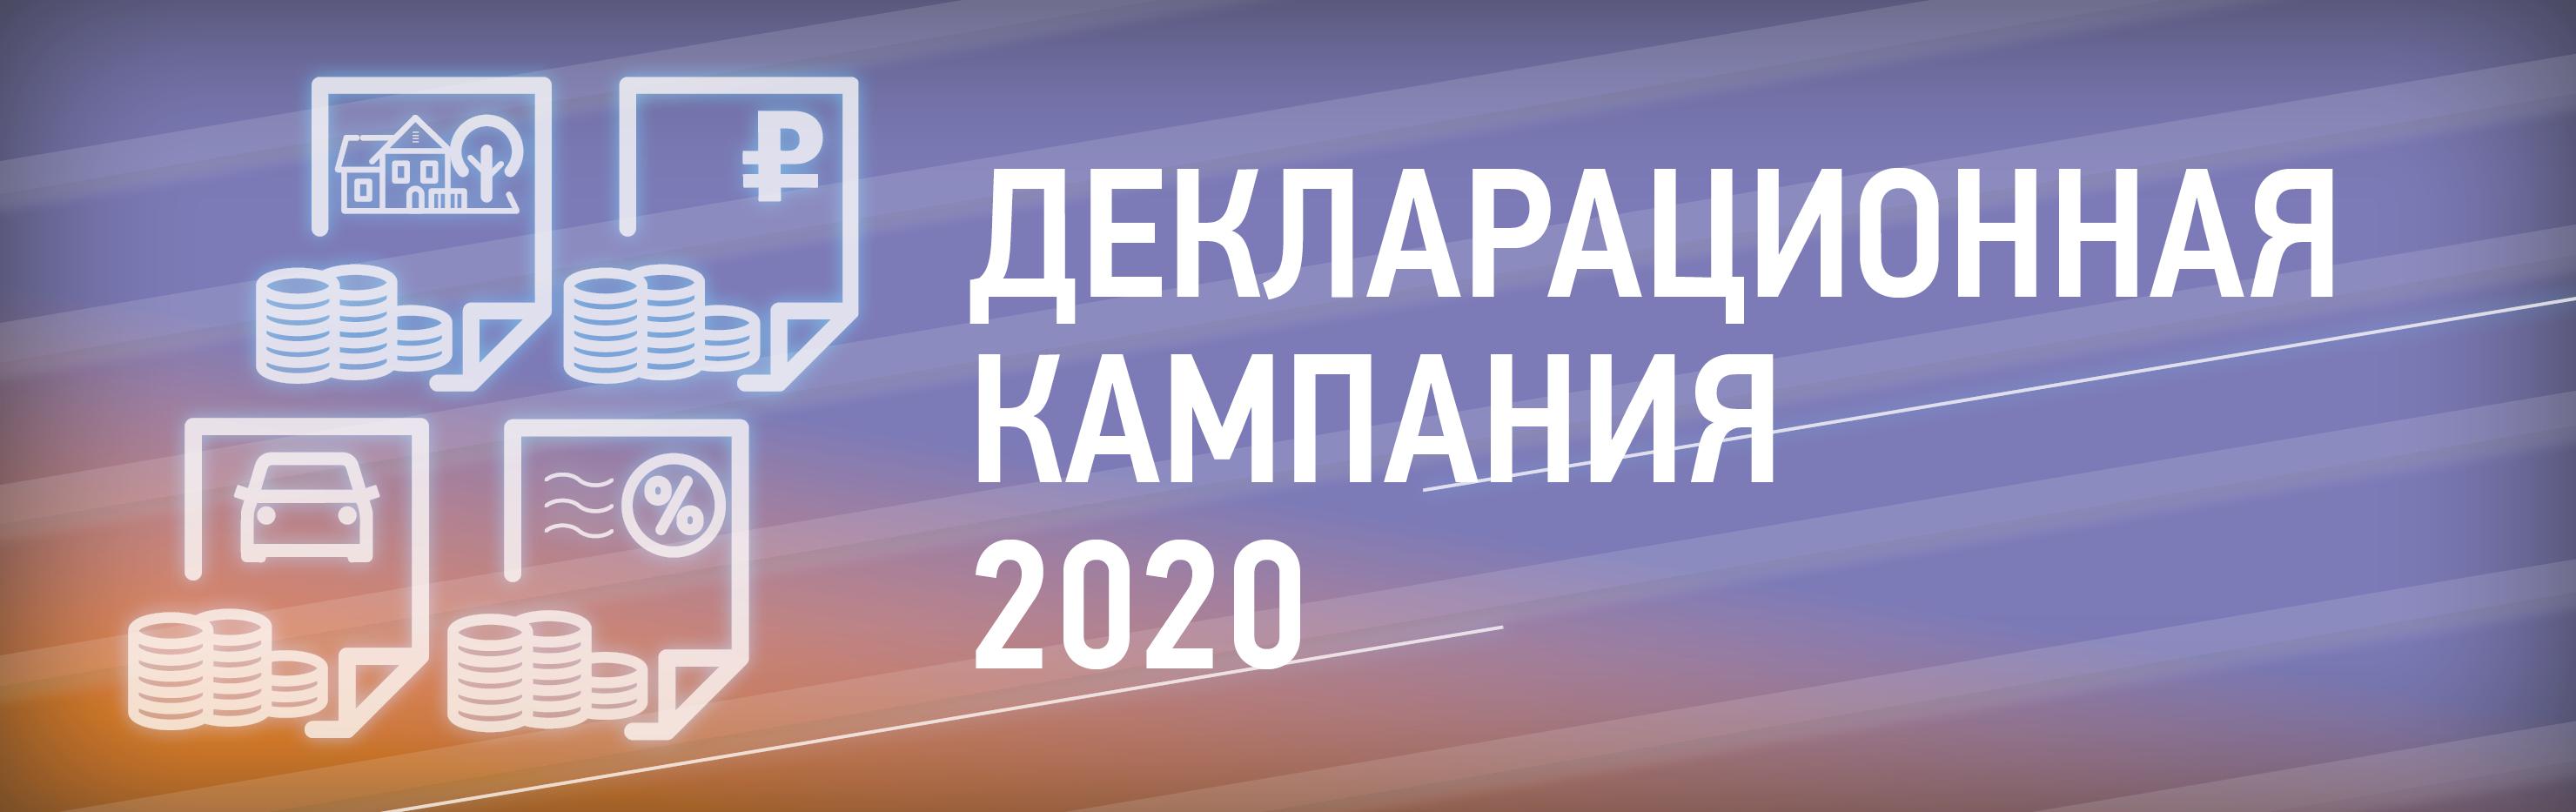 Декларационная кампания 2020